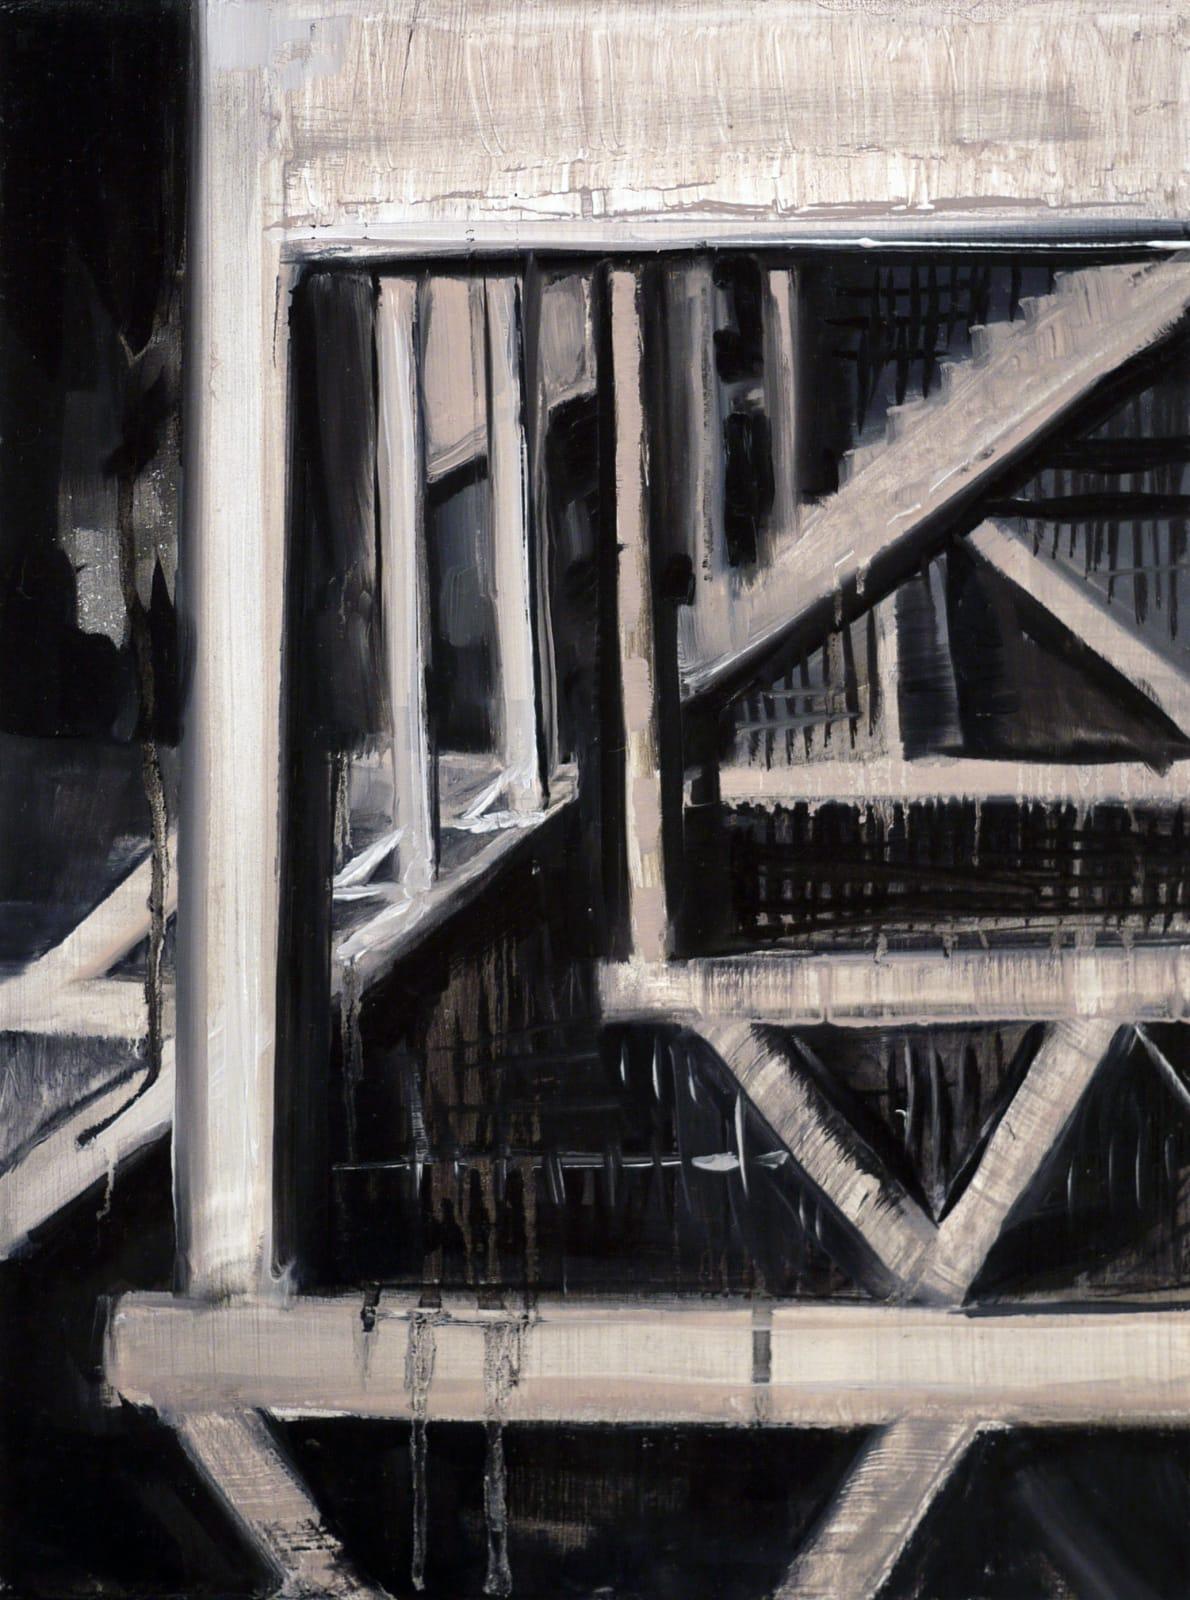 Elizabeth Schwaiger, Scaffolding II, 2015